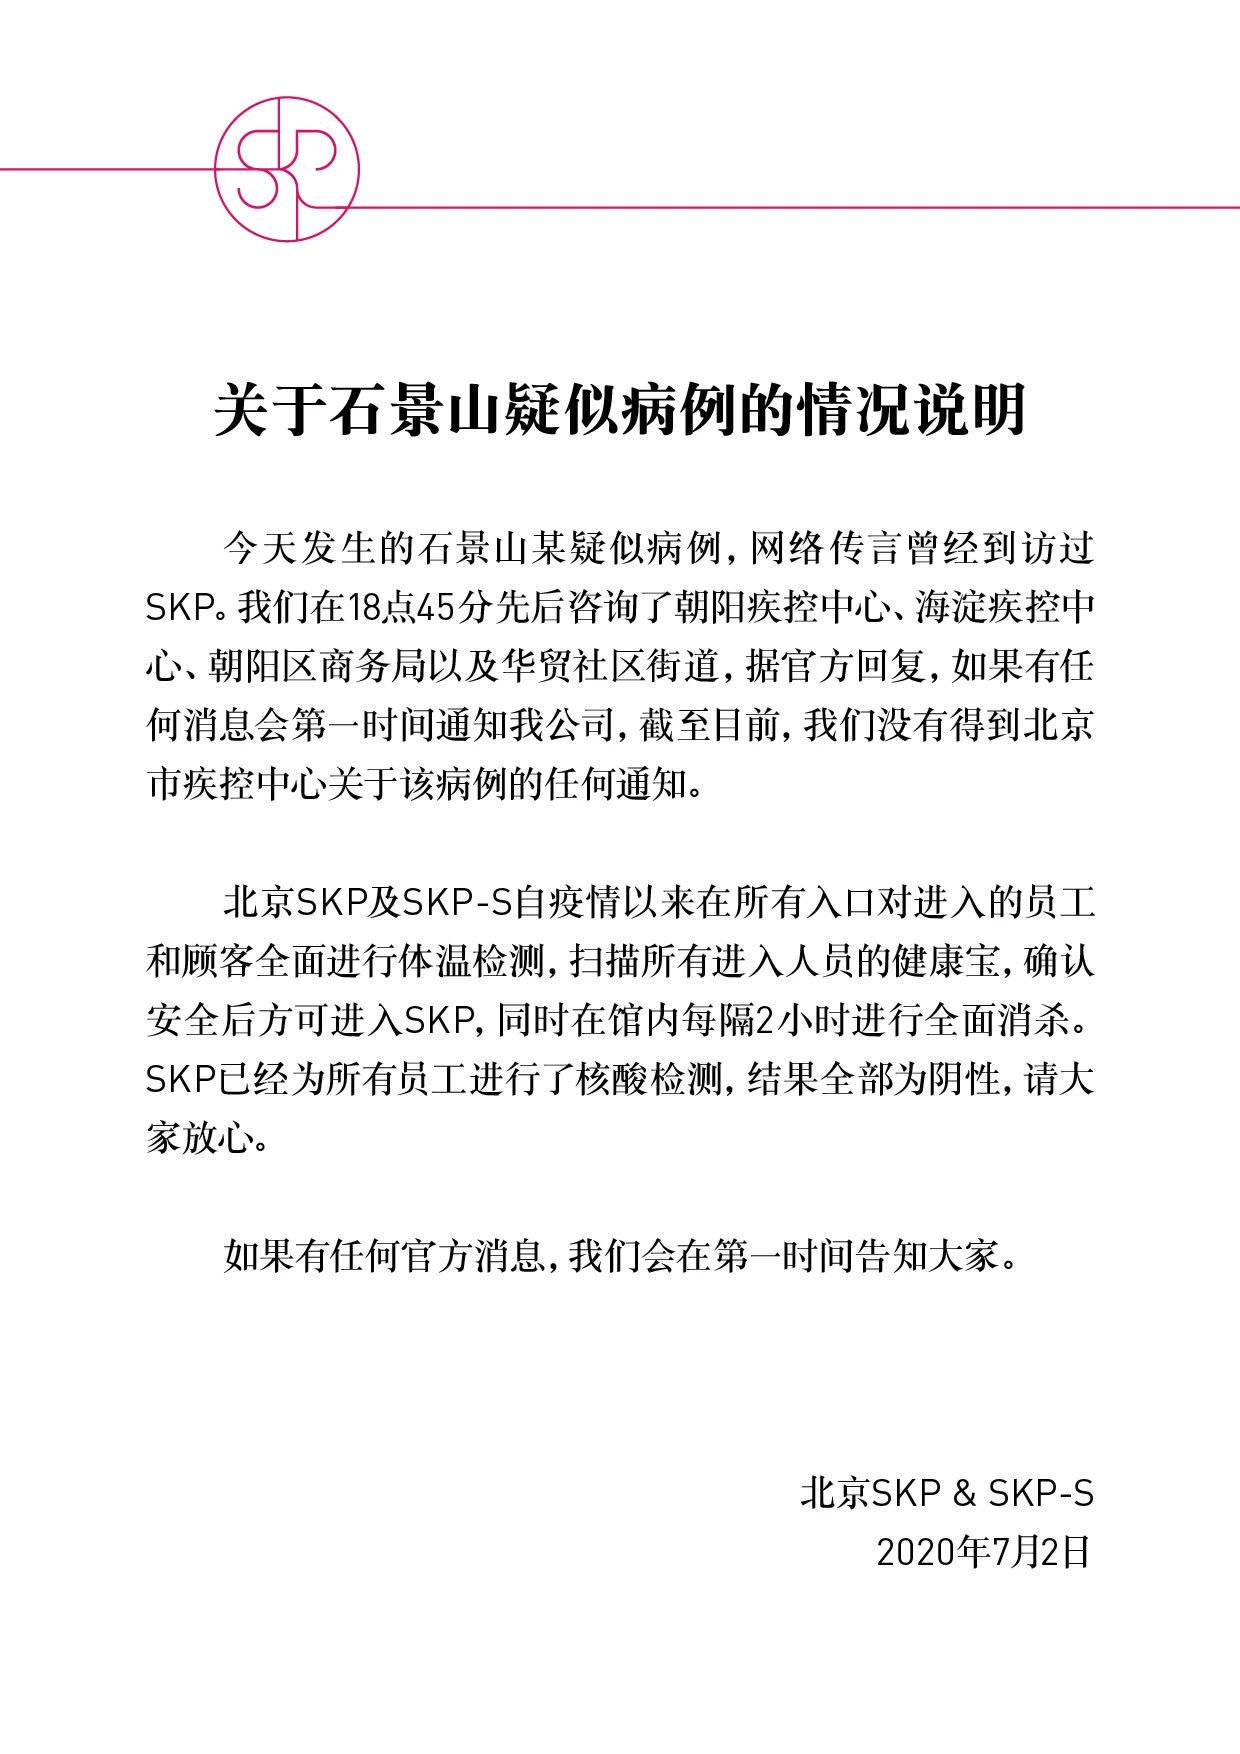 北京SKP:尚未接悉疾控部门对石景山疑似病例的信息